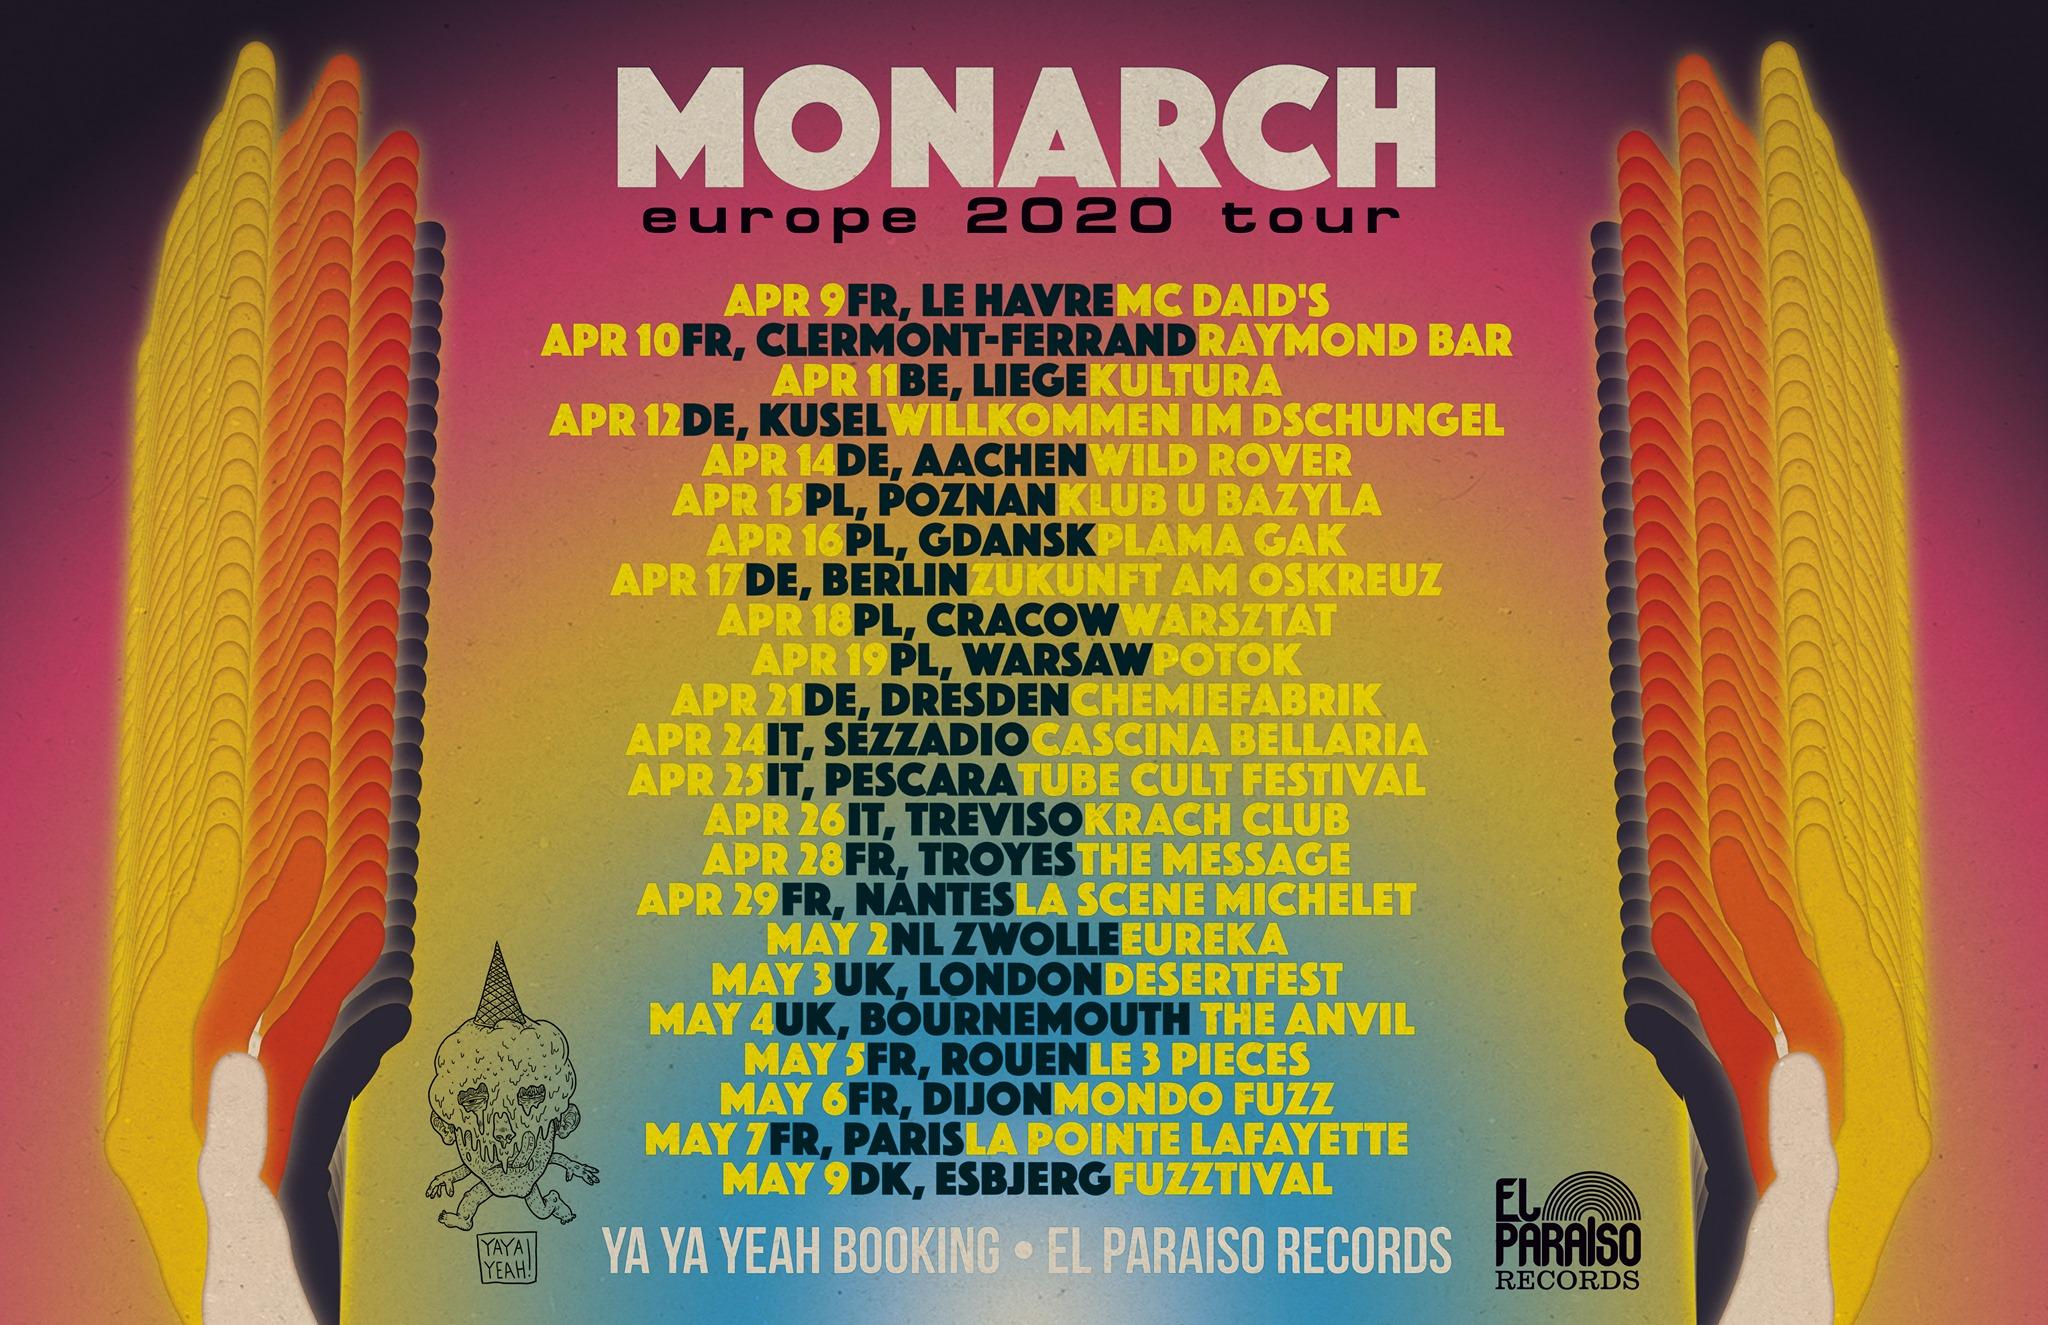 MONARCH TOUR